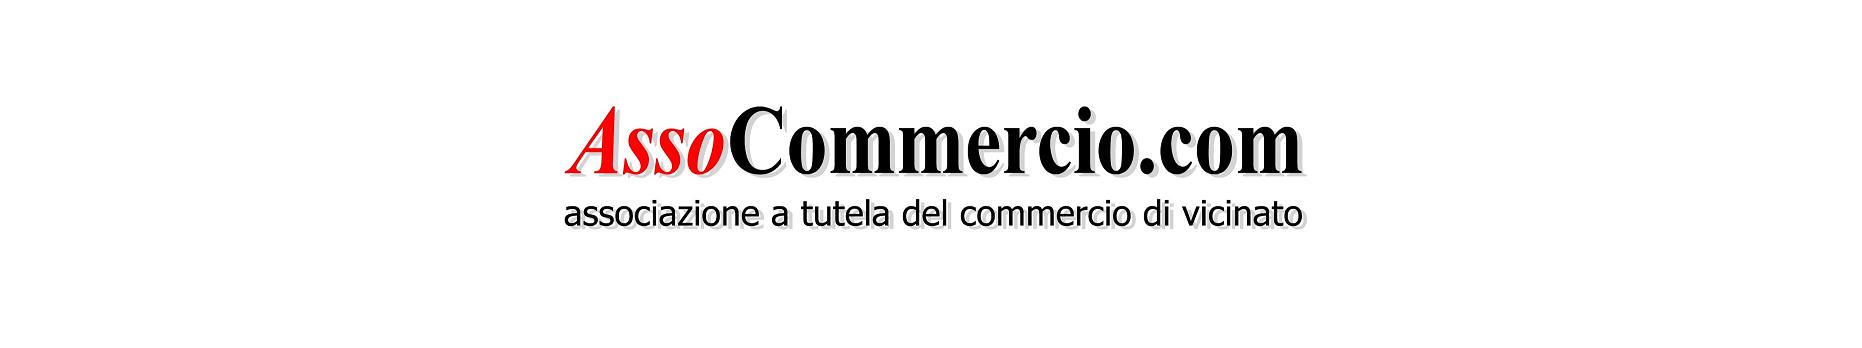 Associazione Assocommercio logo